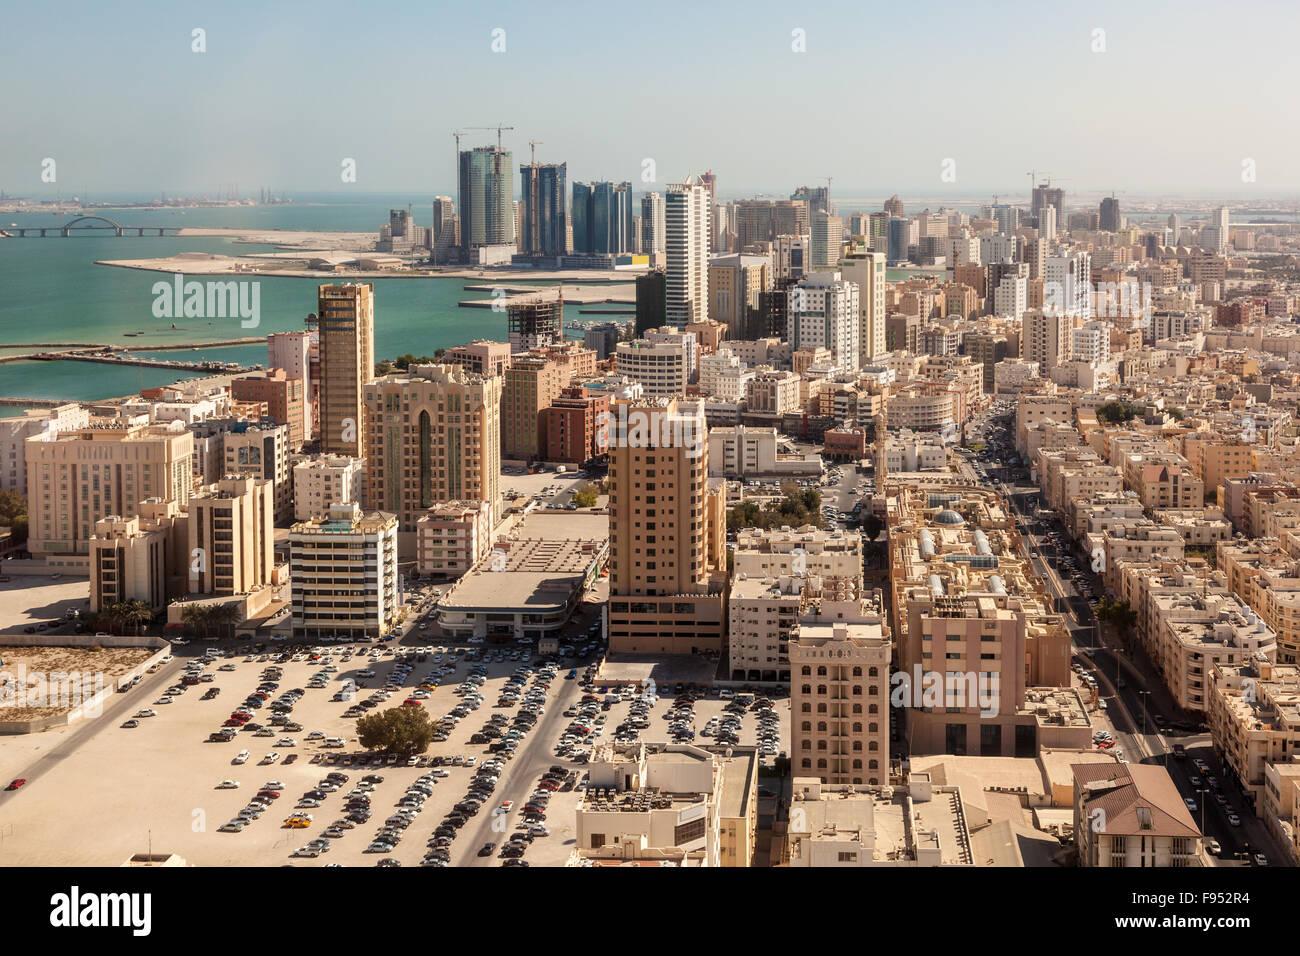 La ciudad de Manama, Bahrein Imagen De Stock